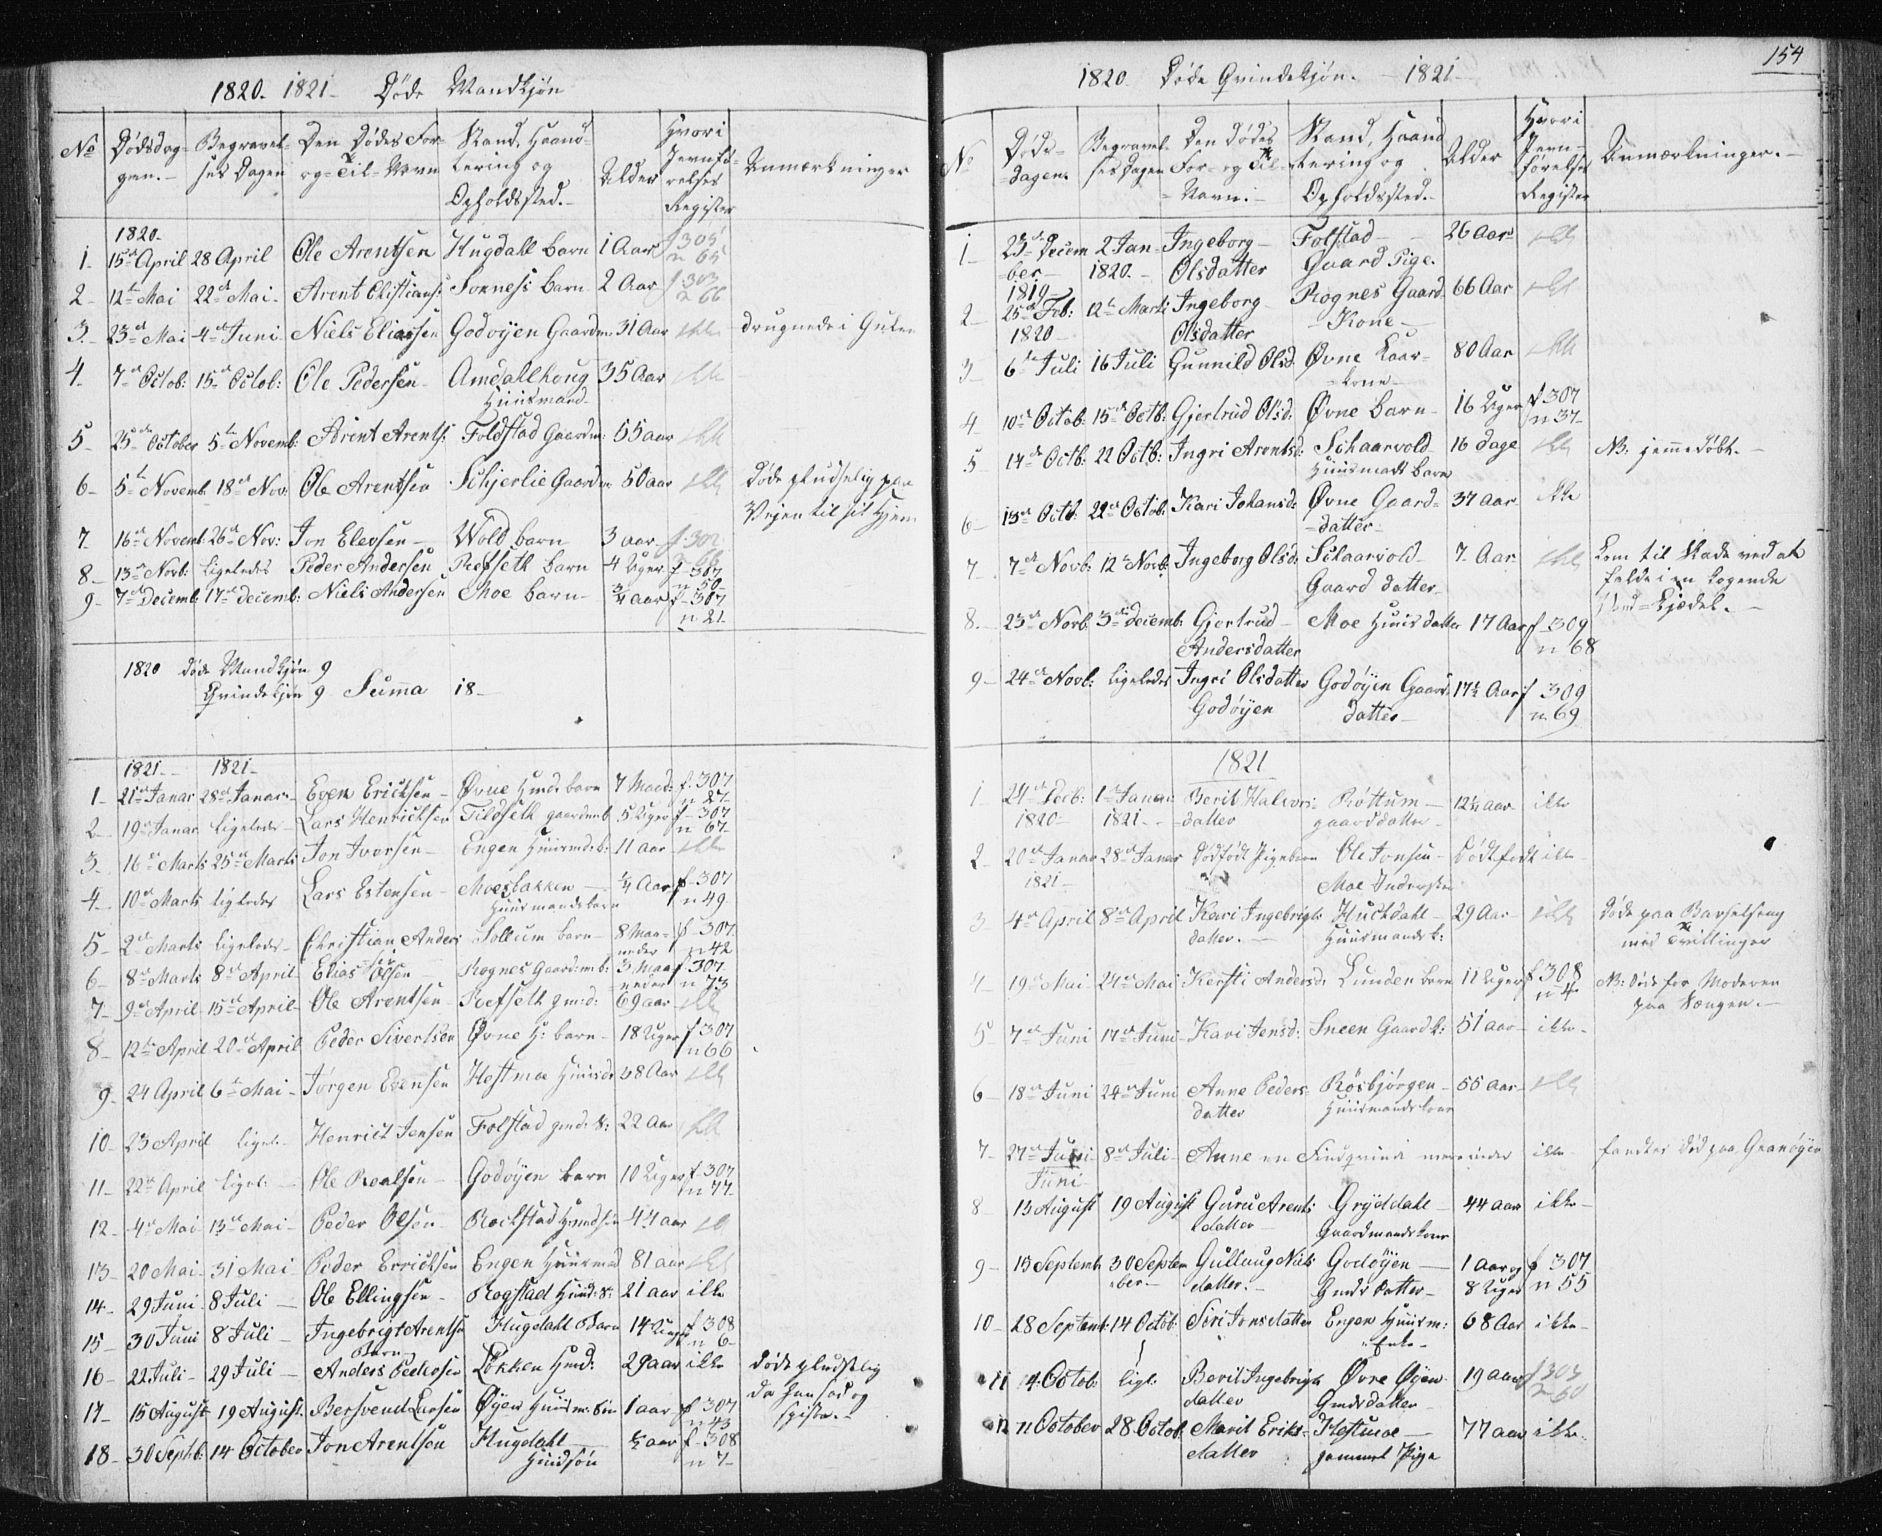 SAT, Ministerialprotokoller, klokkerbøker og fødselsregistre - Sør-Trøndelag, 687/L1017: Klokkerbok nr. 687C01, 1816-1837, s. 154